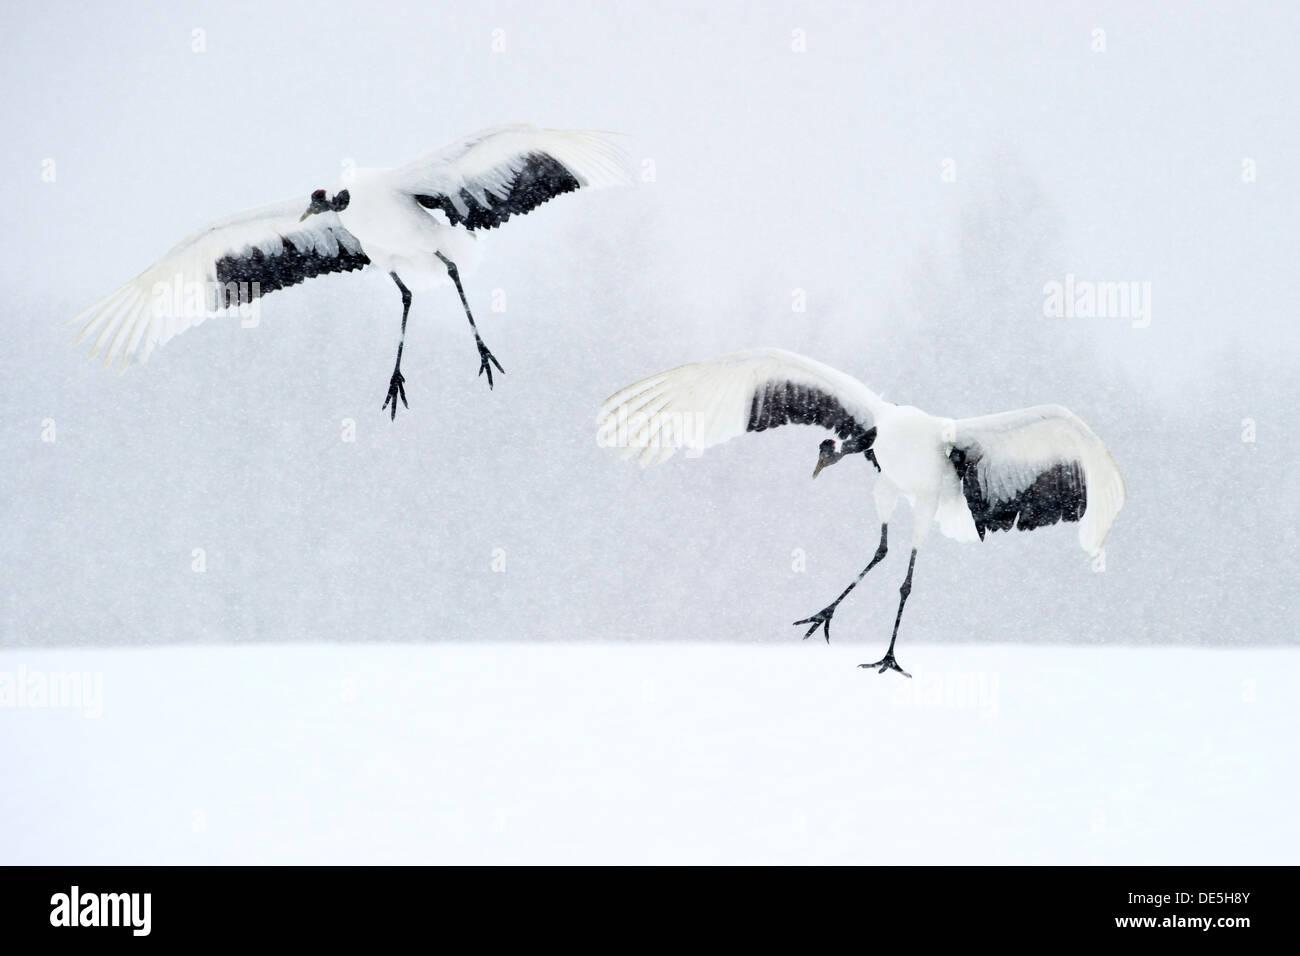 Gru giapponese di atterraggio sulla neve per il corteggiamento Immagini Stock